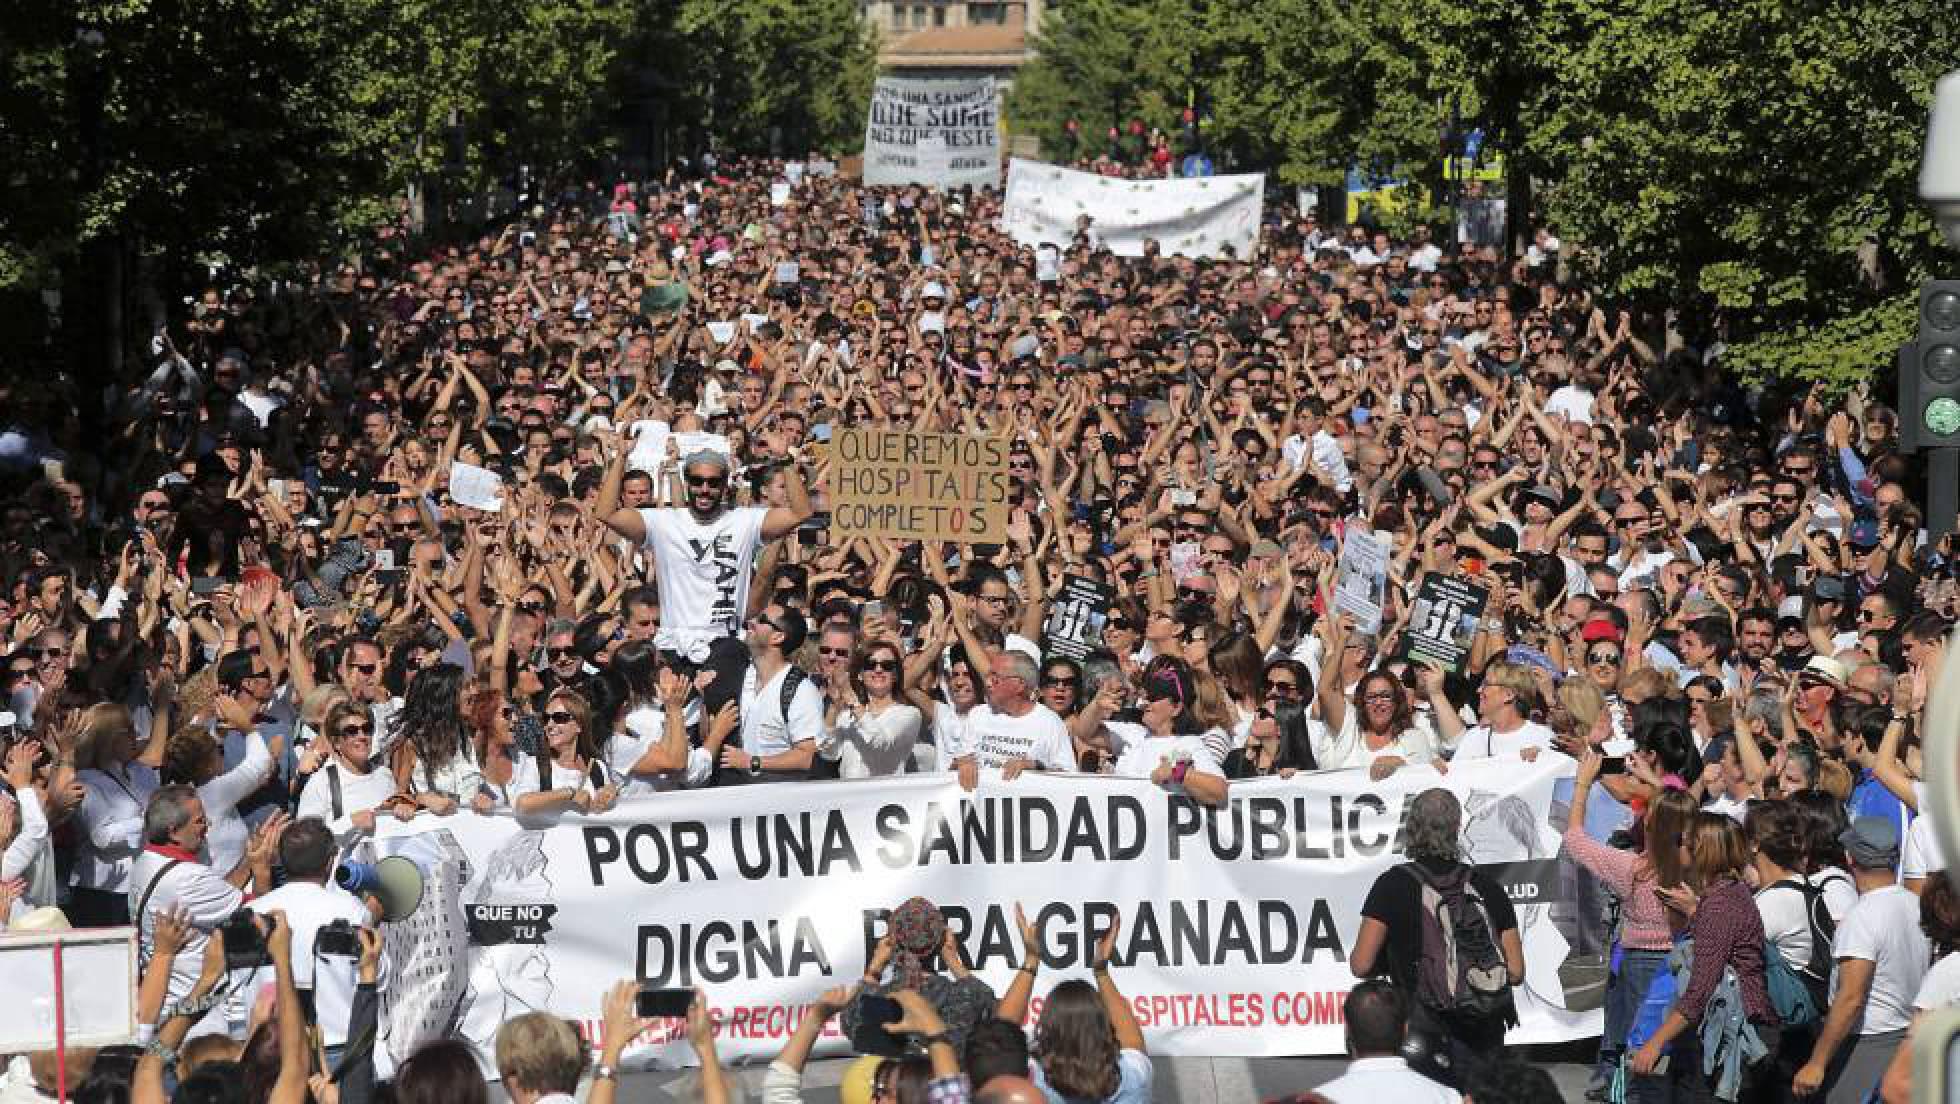 Manifestantes protestan por la fusión hospitalaria en Granada, en octubre. P. TORRES